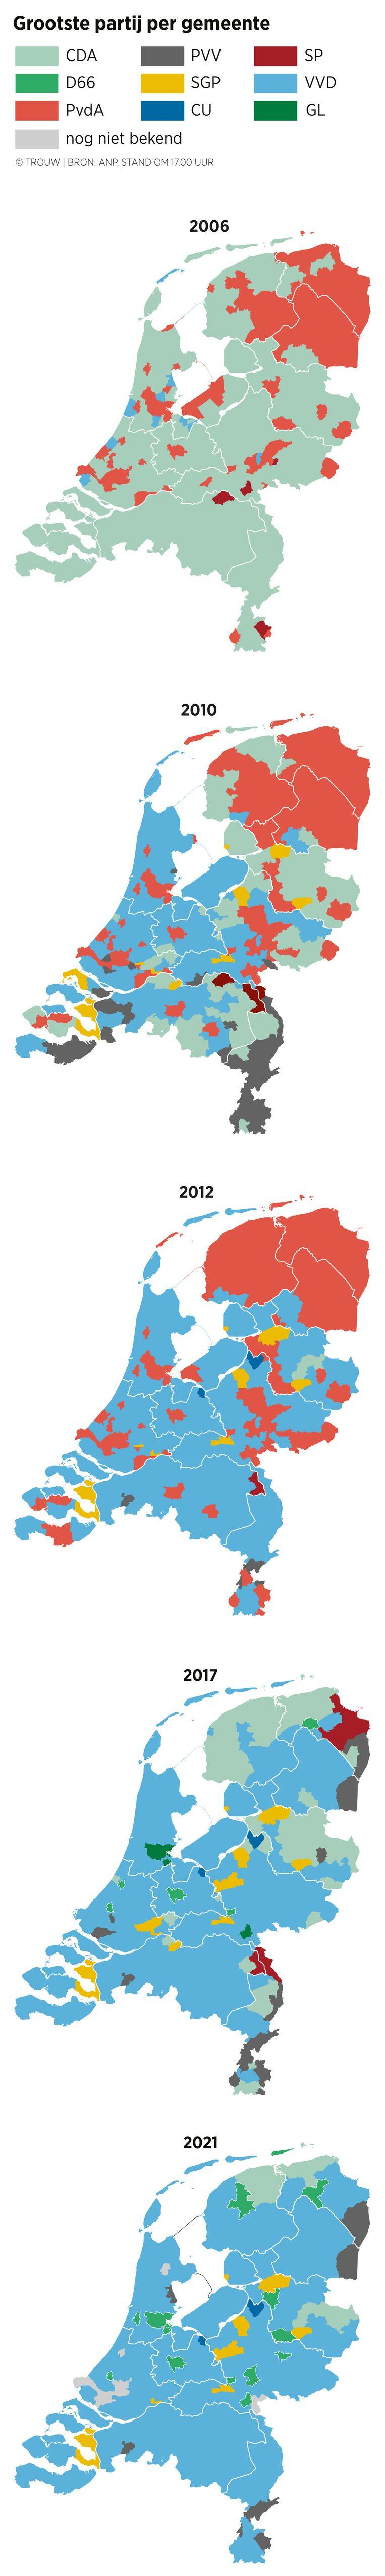 De grootste partijen per gemeente bij de Tweede Kamerverkiezingen van 2006, 2010, 2012, 2017 en 2021. Beeld Sander Soewargana